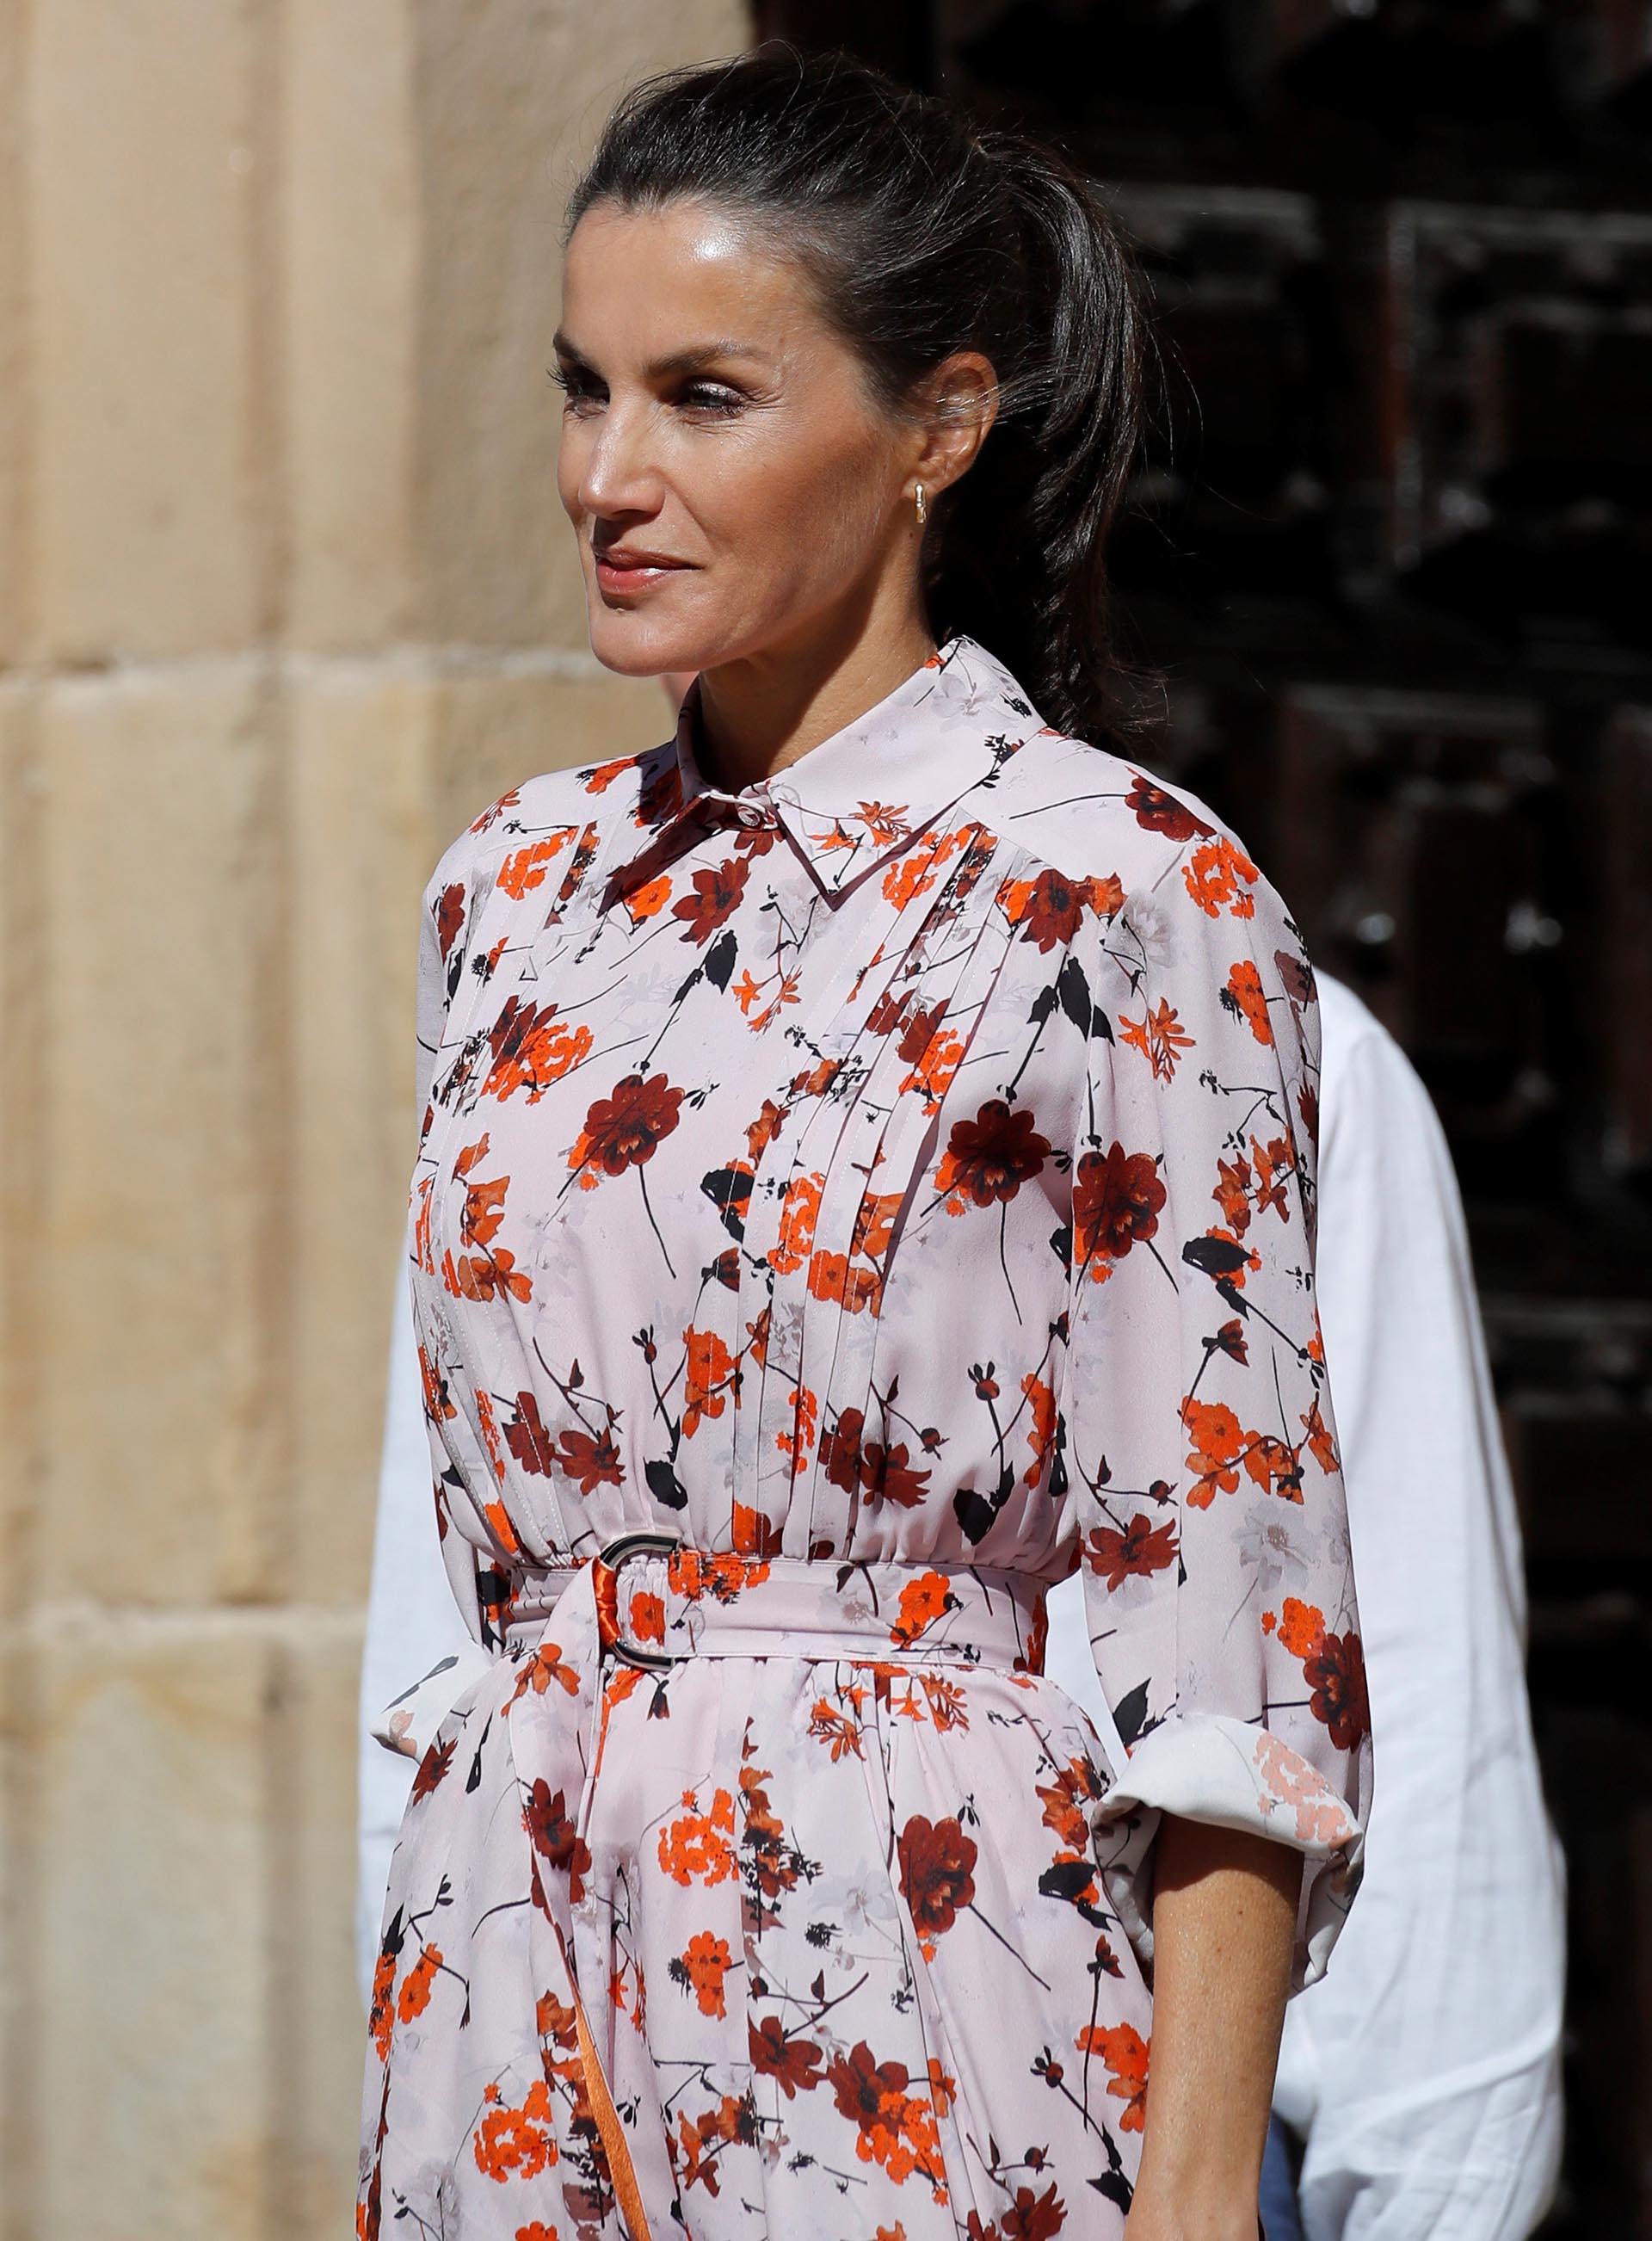 El vestido es una pieza de Hugo Boss, uno de los diseñadores favoritos de la monarca